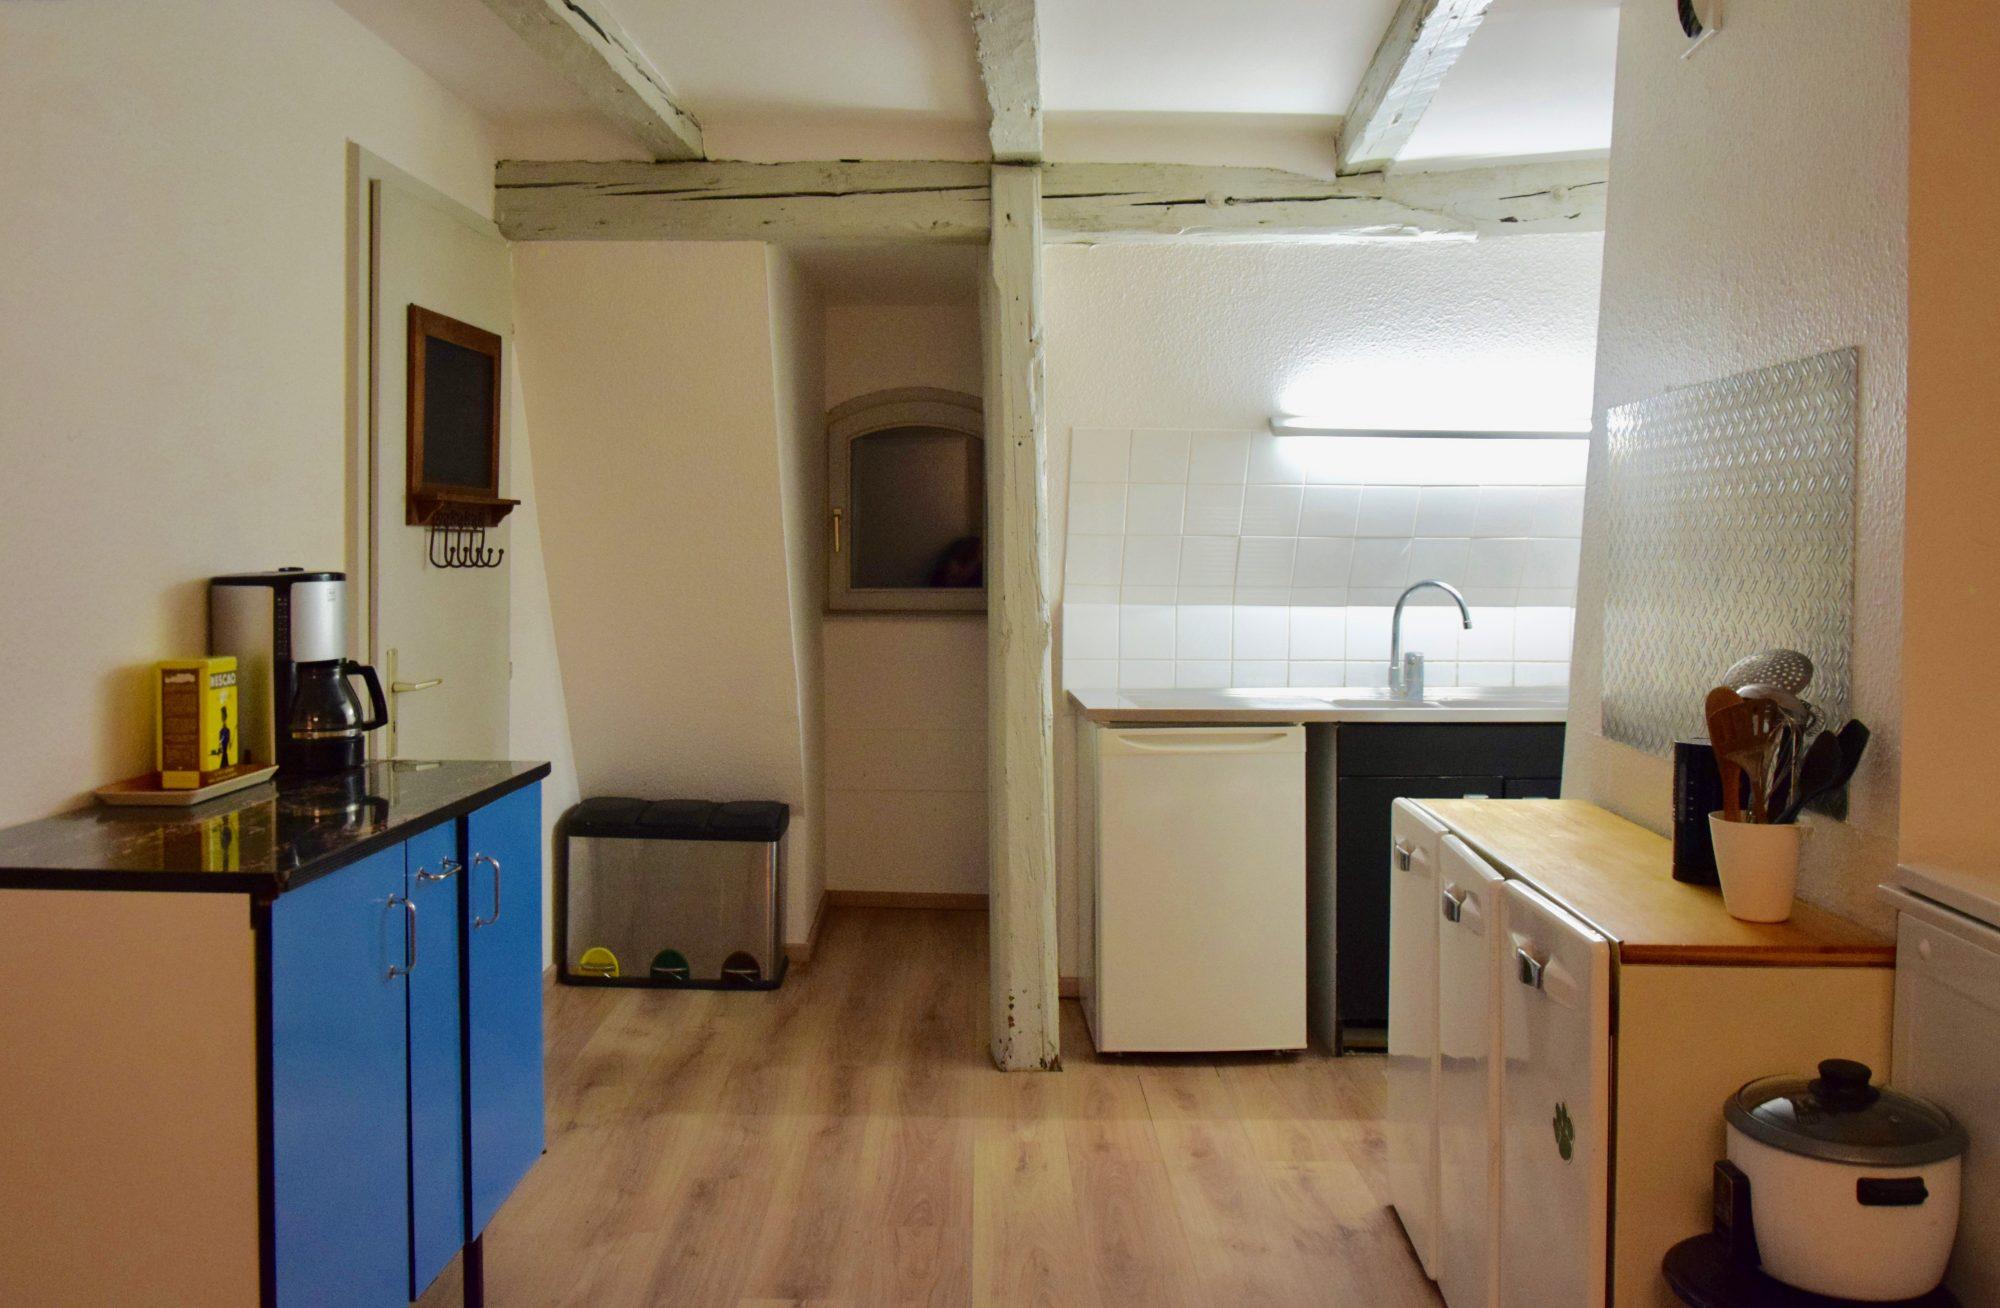 3 PIECES EN DUPLEX GRANDE ÎLE - Devenez locataire en toute sérénité - Bintz Immobilier - 4